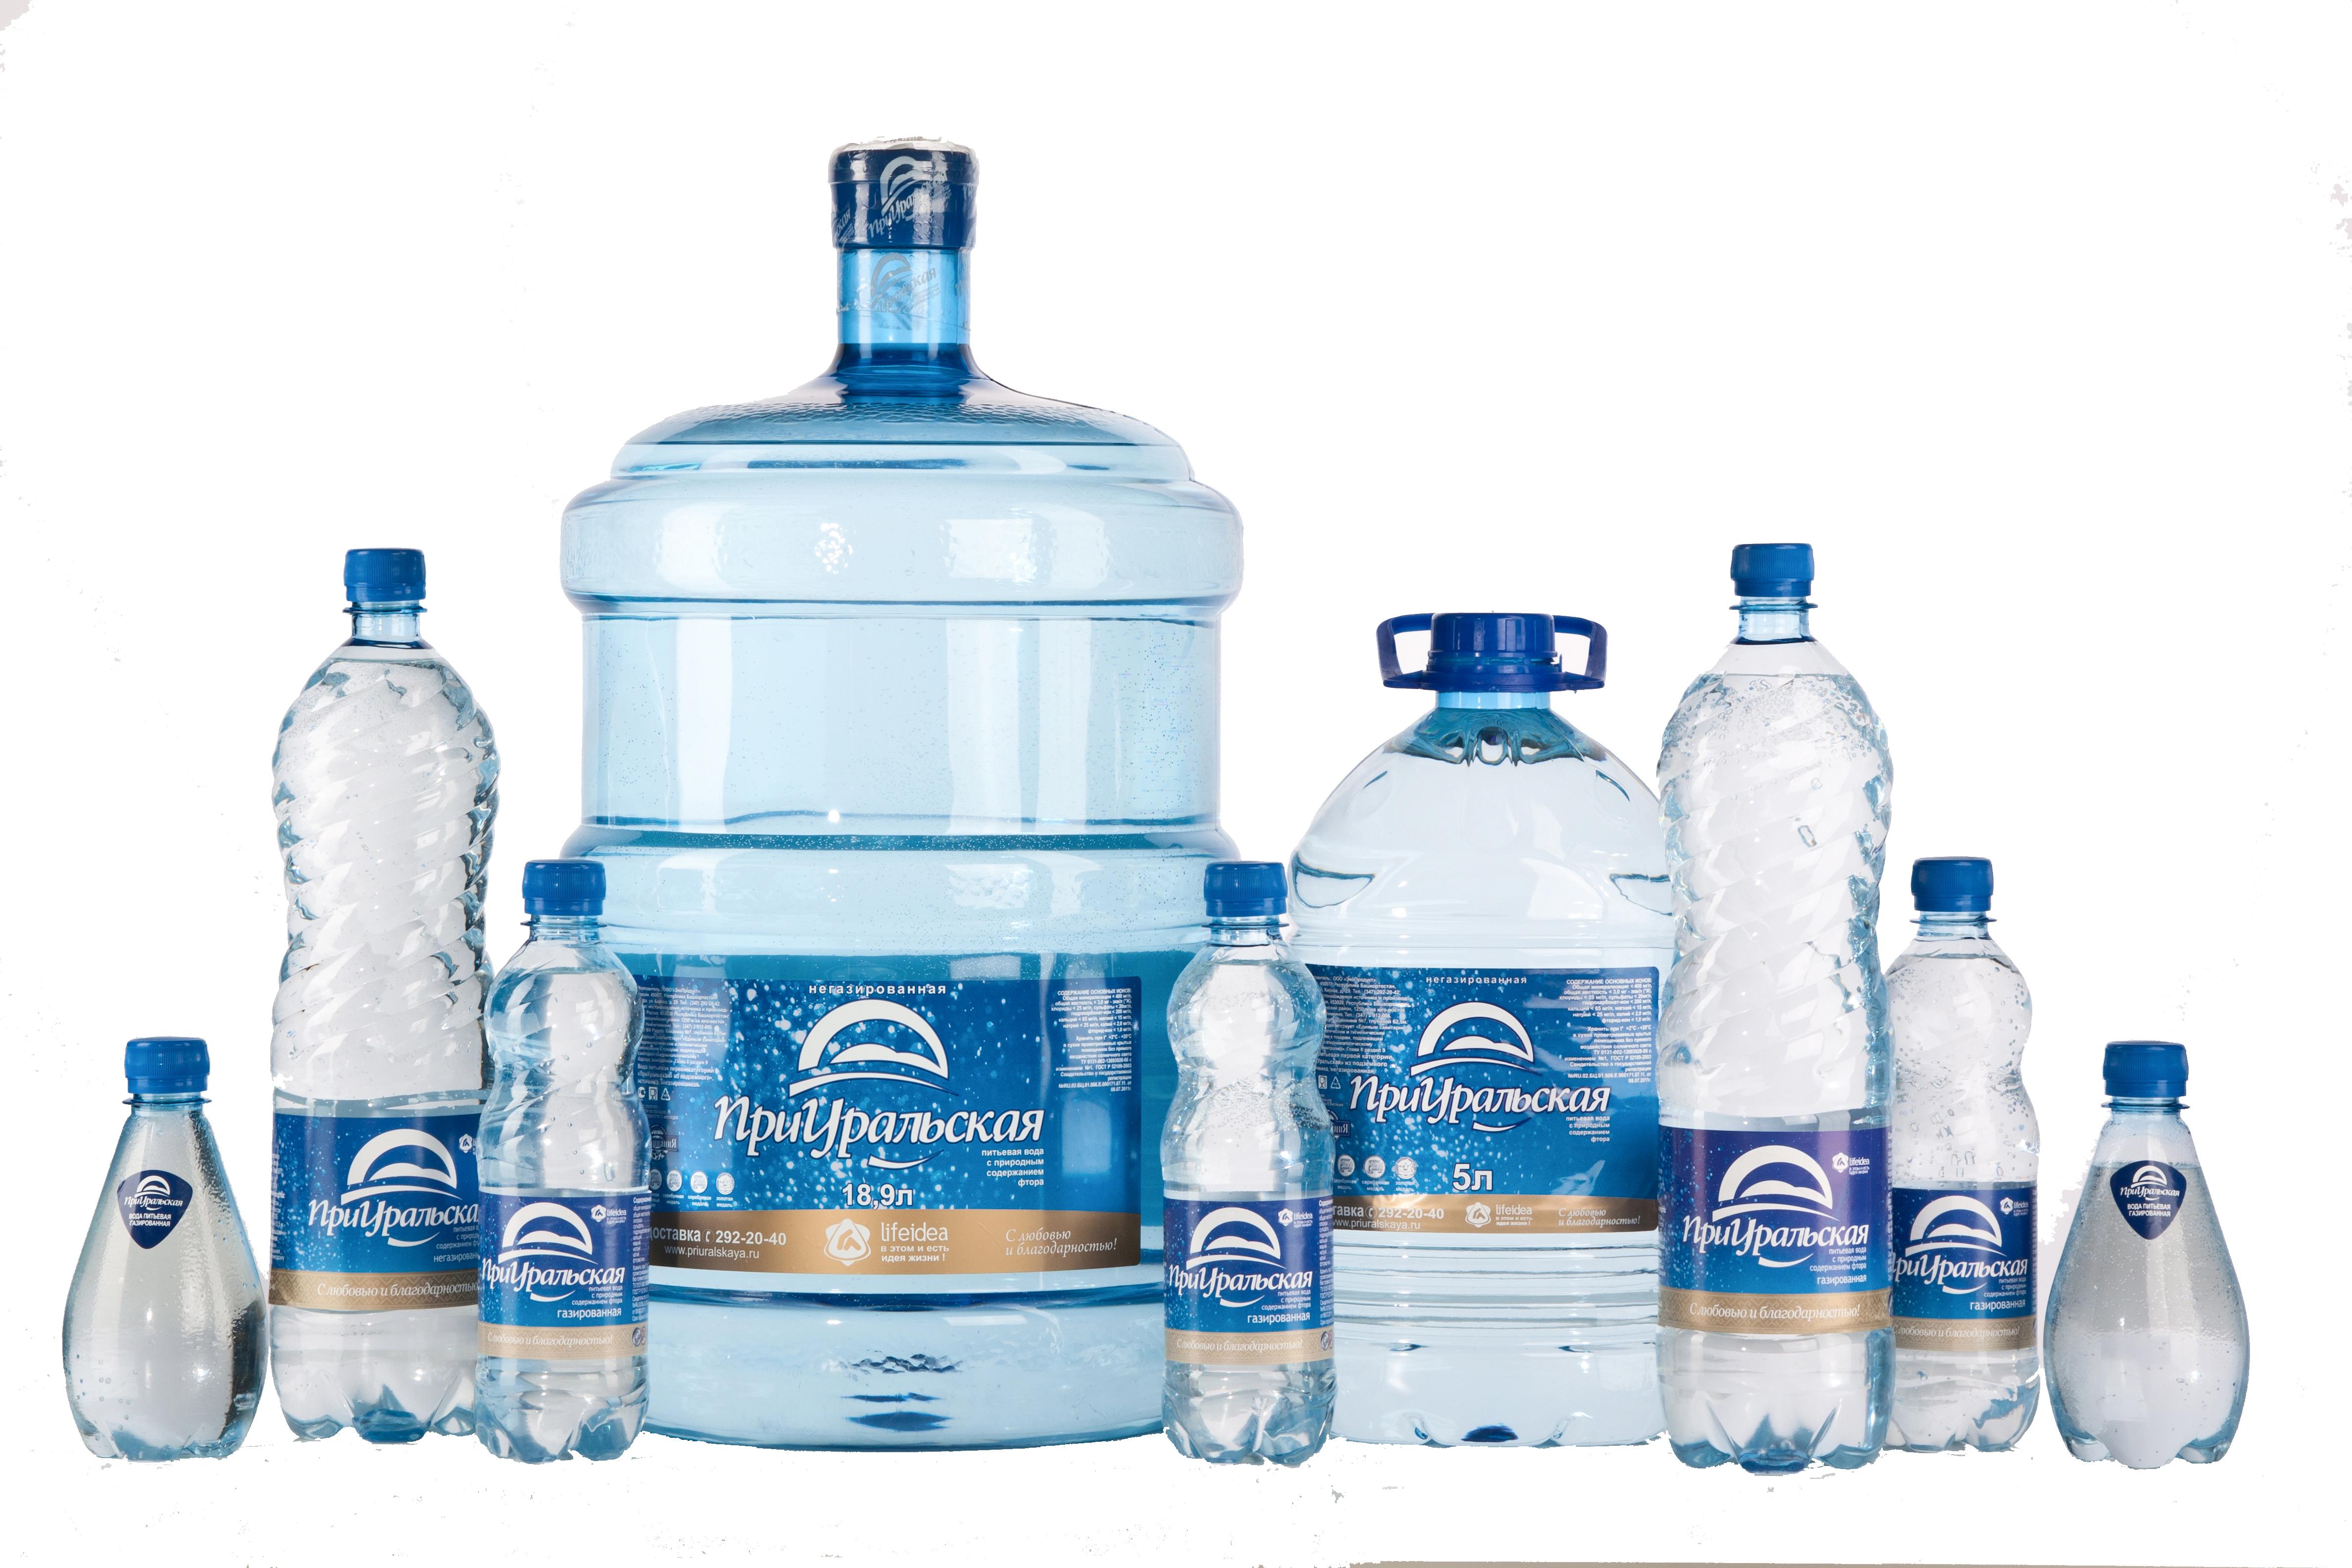 Вода питьевая ПриУральская, доставка в магазины, офисы, домой 0,33 л., 0,5 л., 1,5 л.